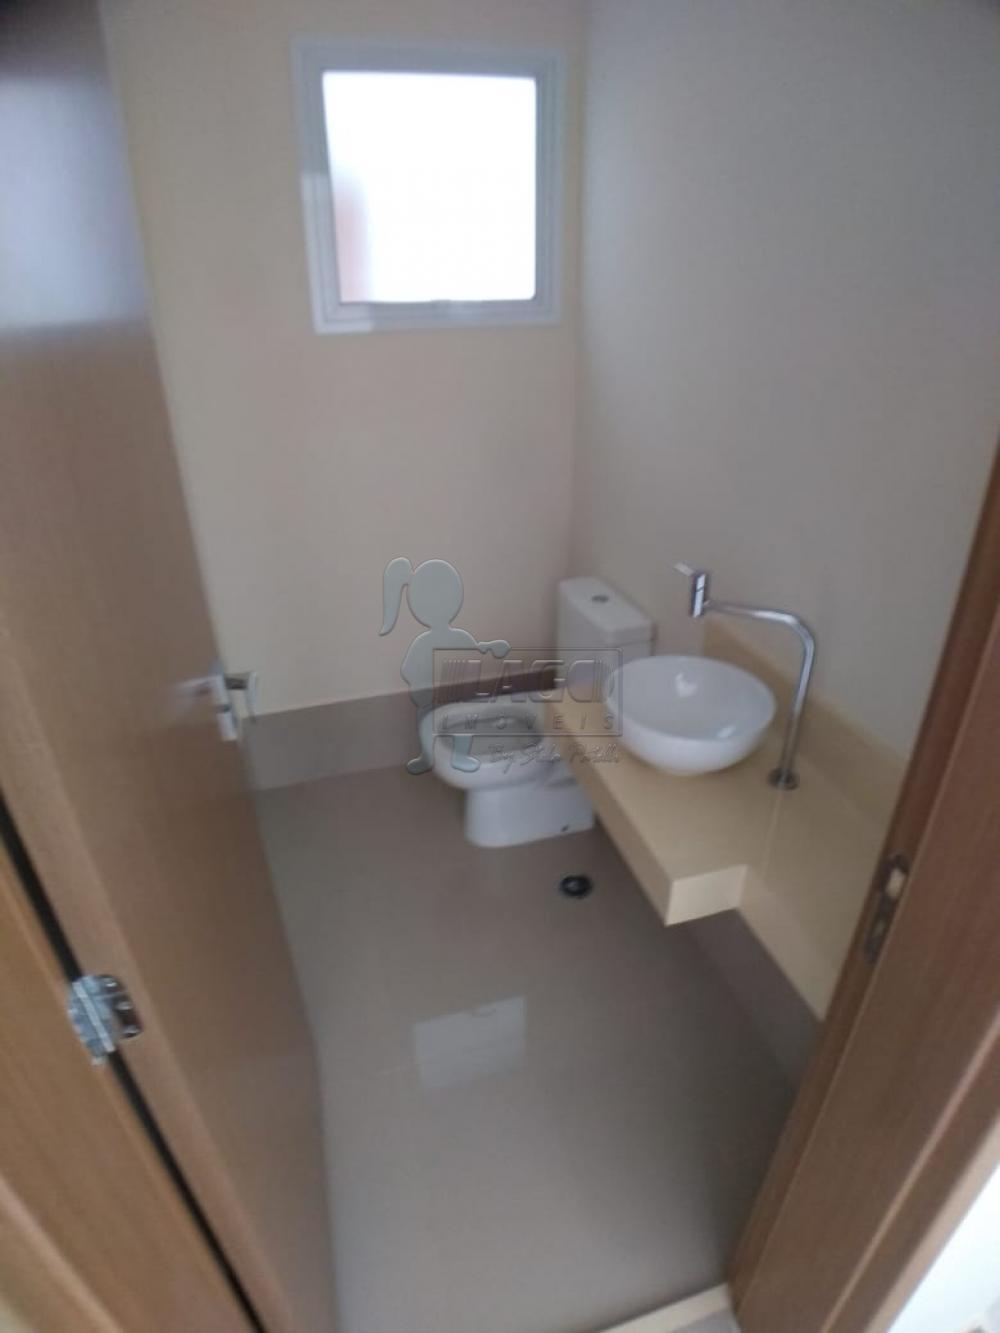 Comprar Apartamento / Padrão em Bonfim Paulista apenas R$ 700.000,00 - Foto 14